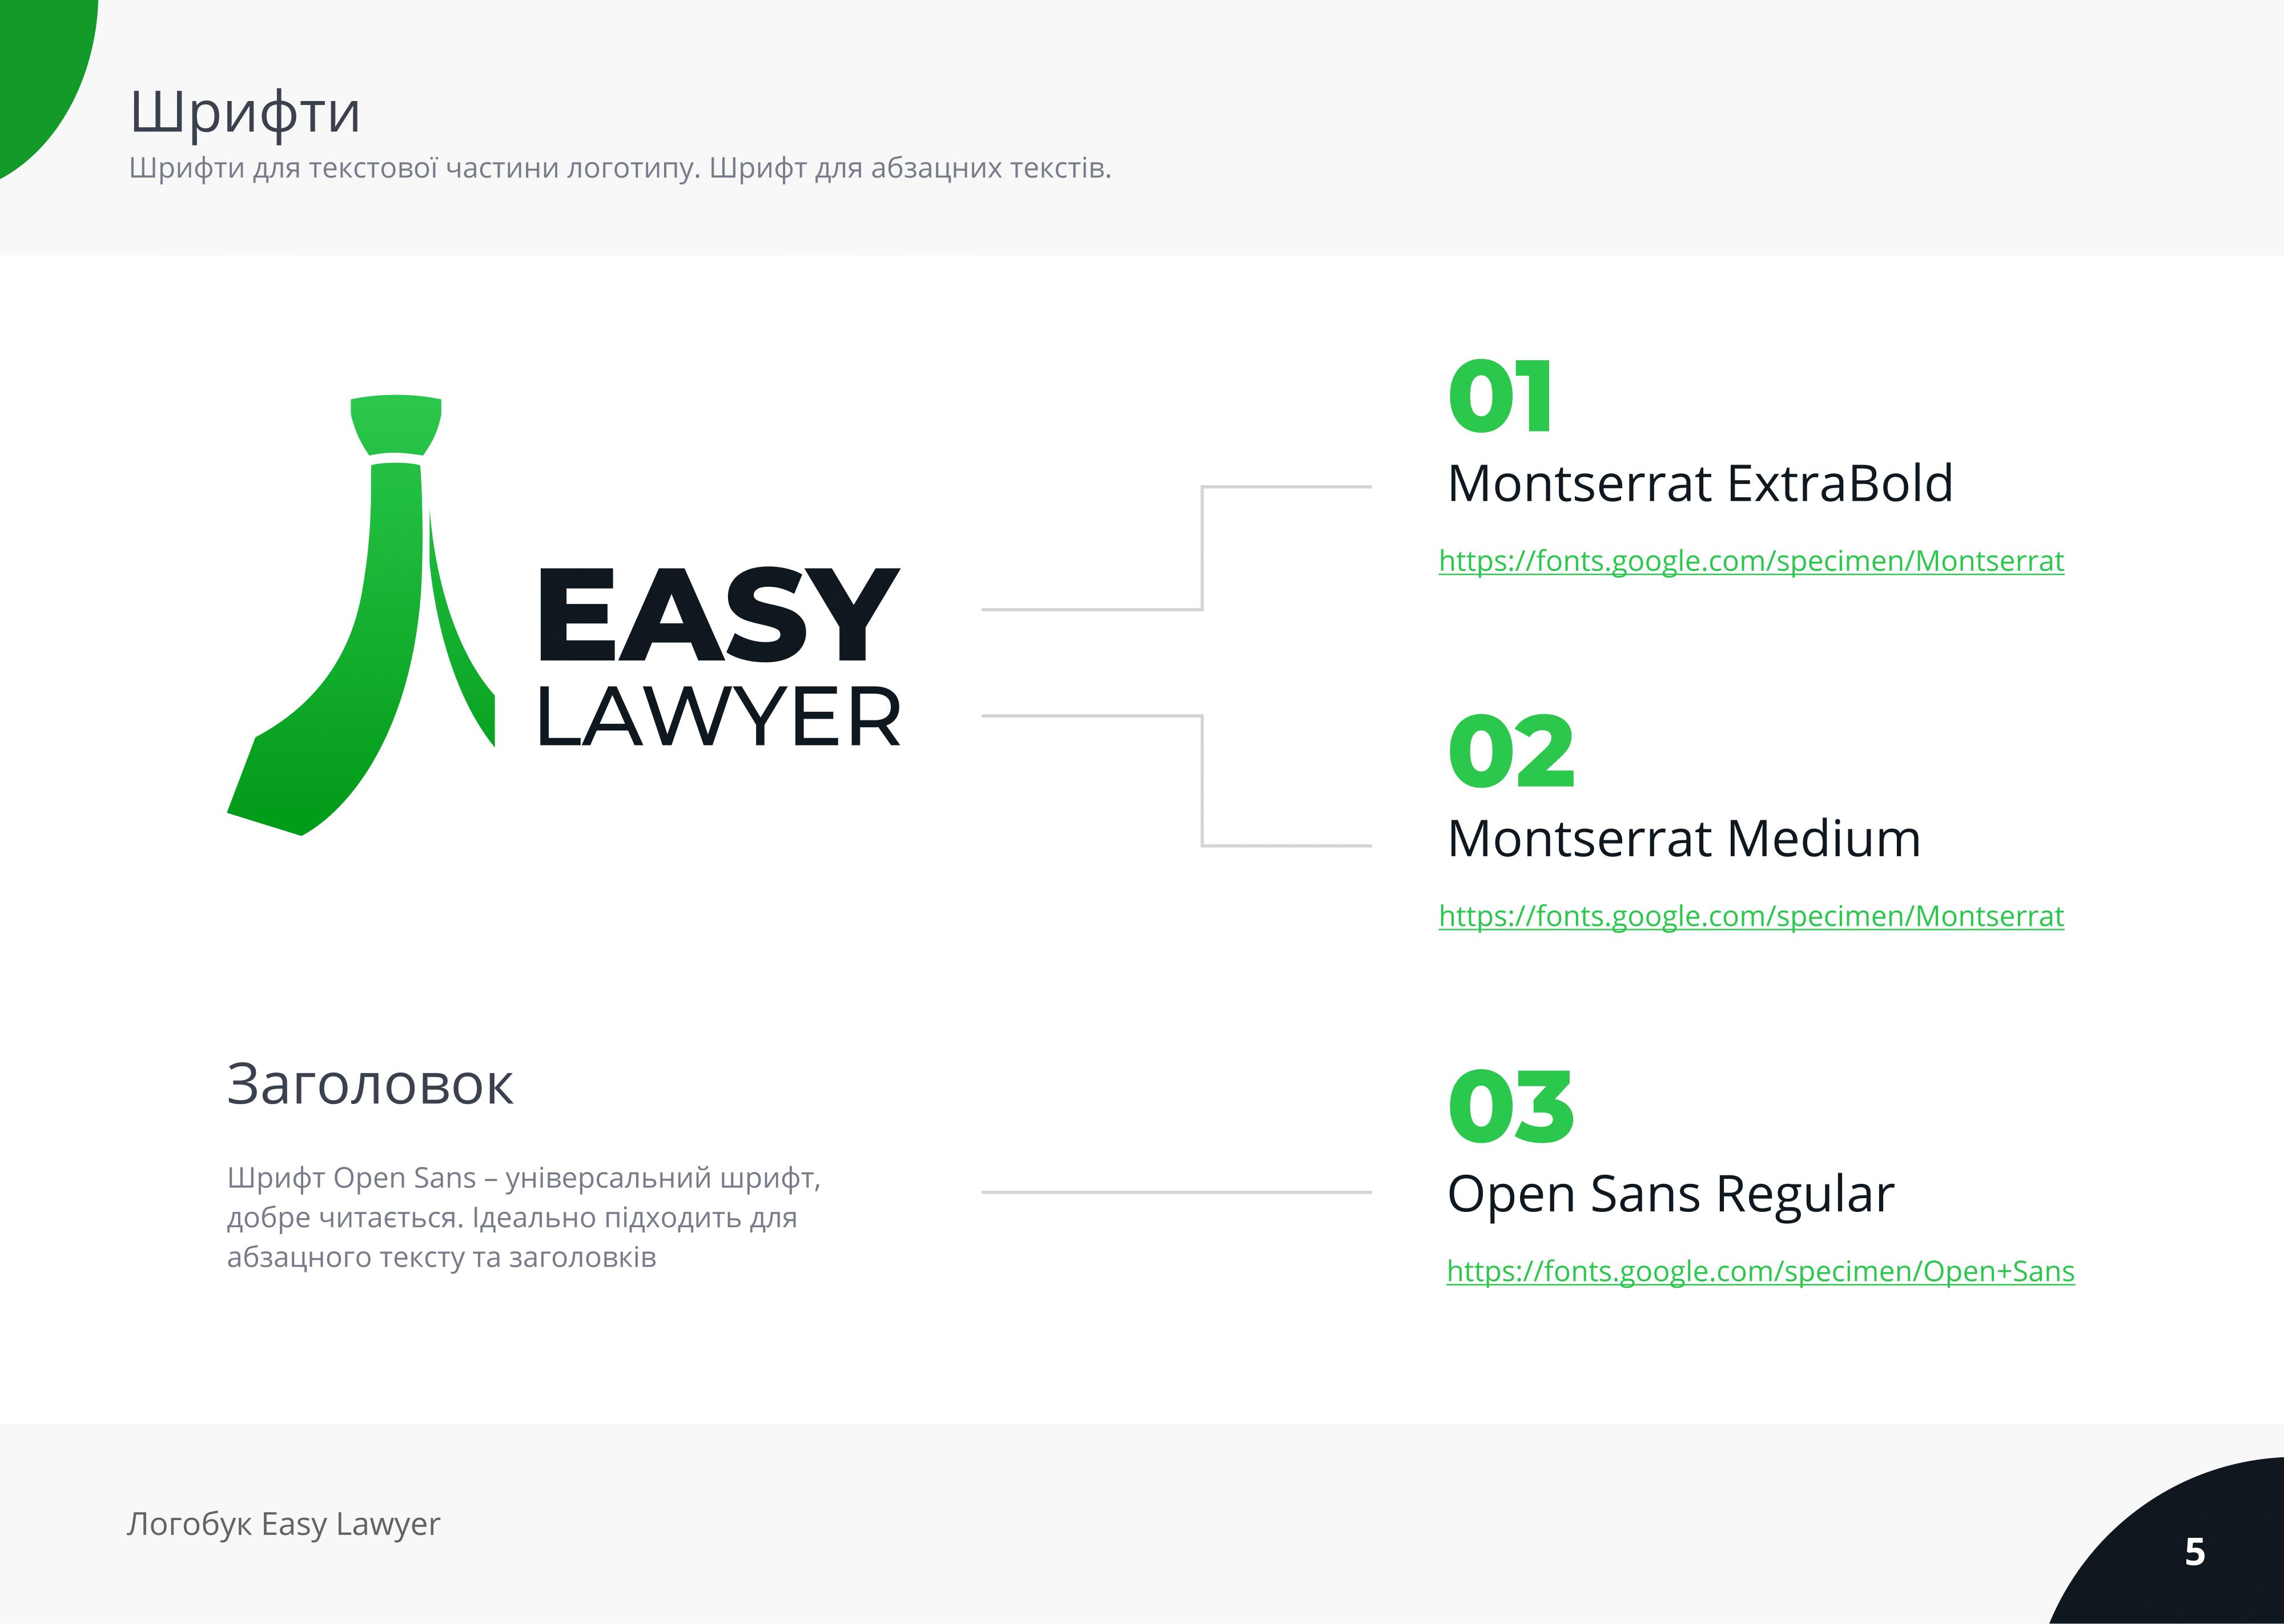 Easy Lawyer (Logobook)-05